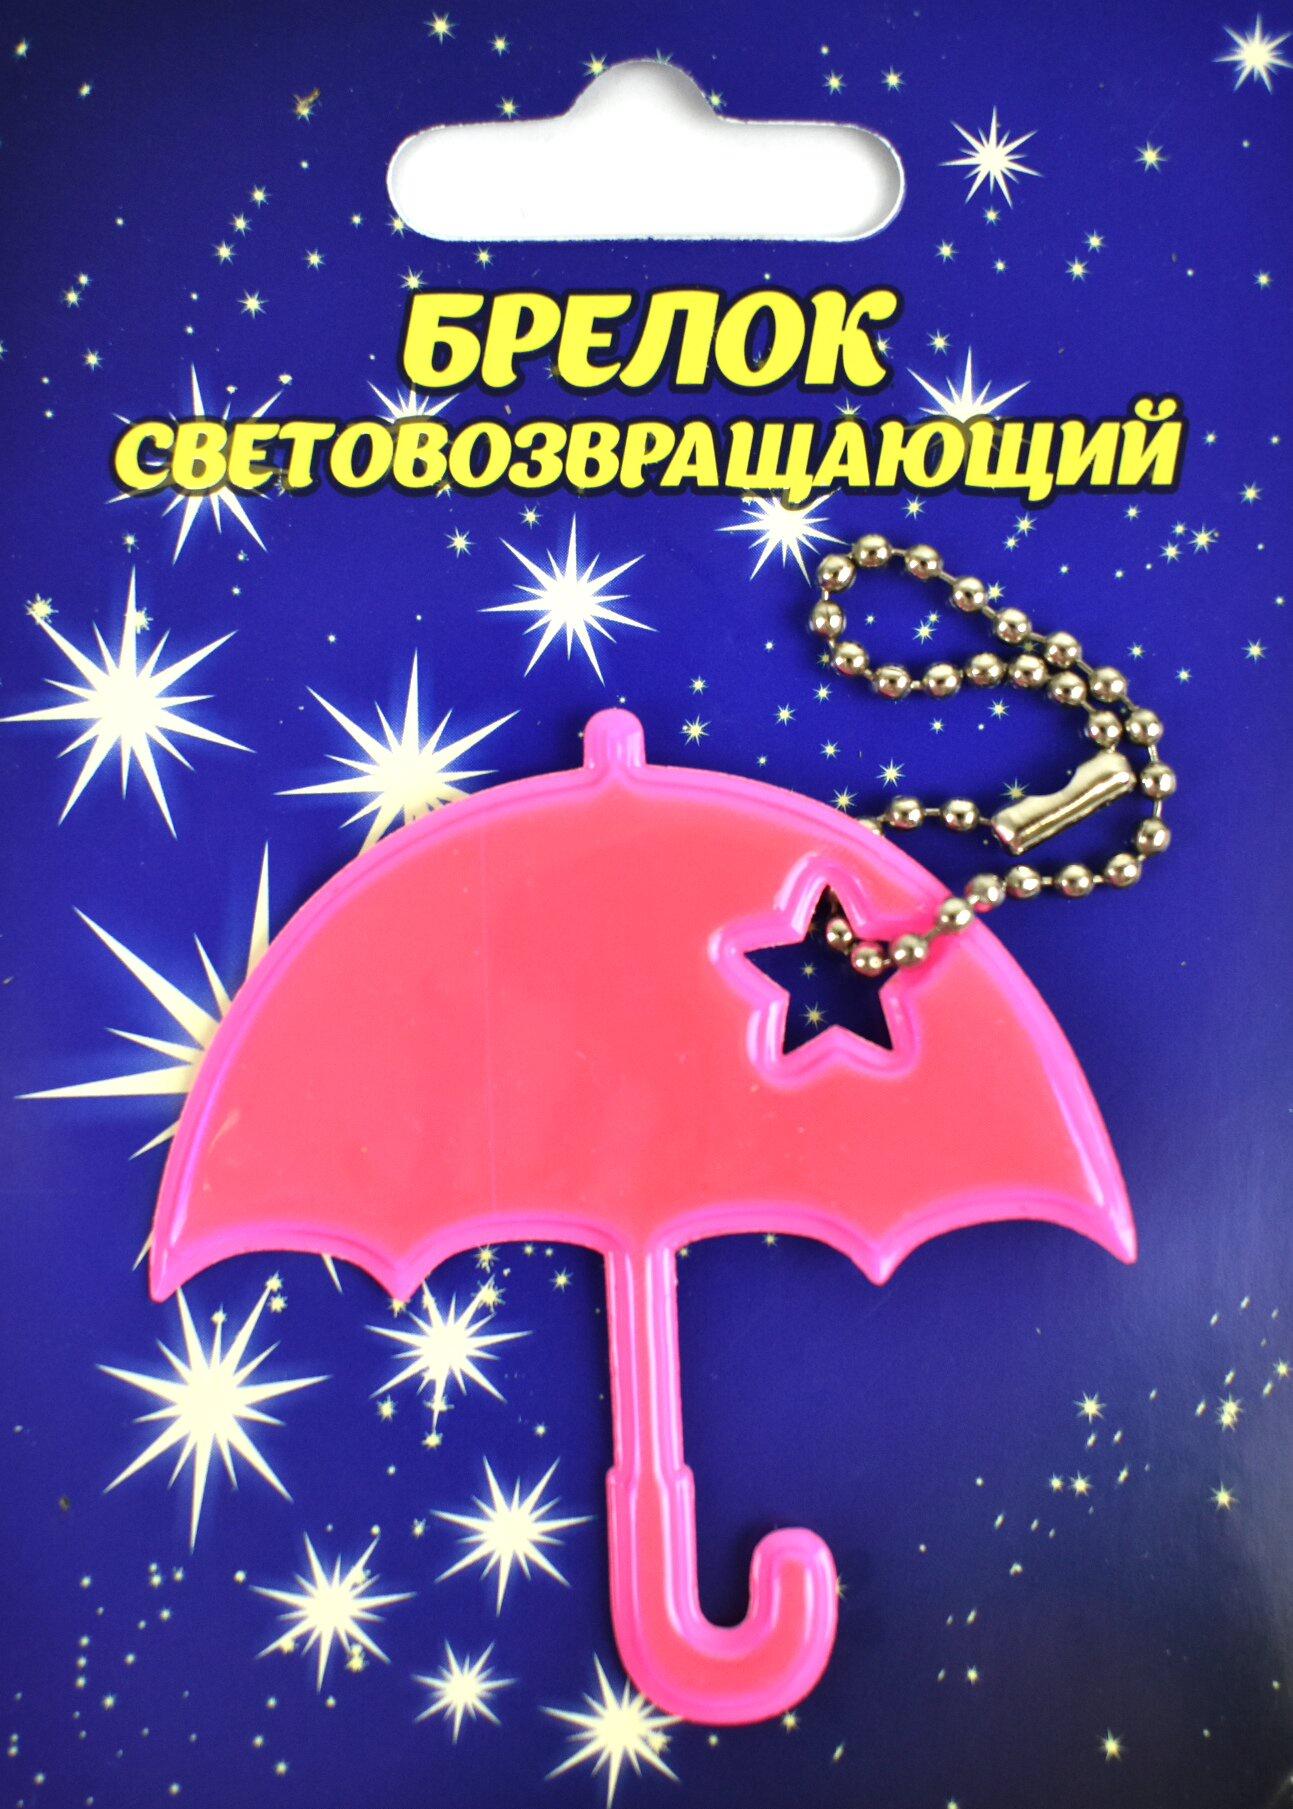 Светоотражатель Светлячок Брелок светоотражающий розовый зонтик, розовый все цены